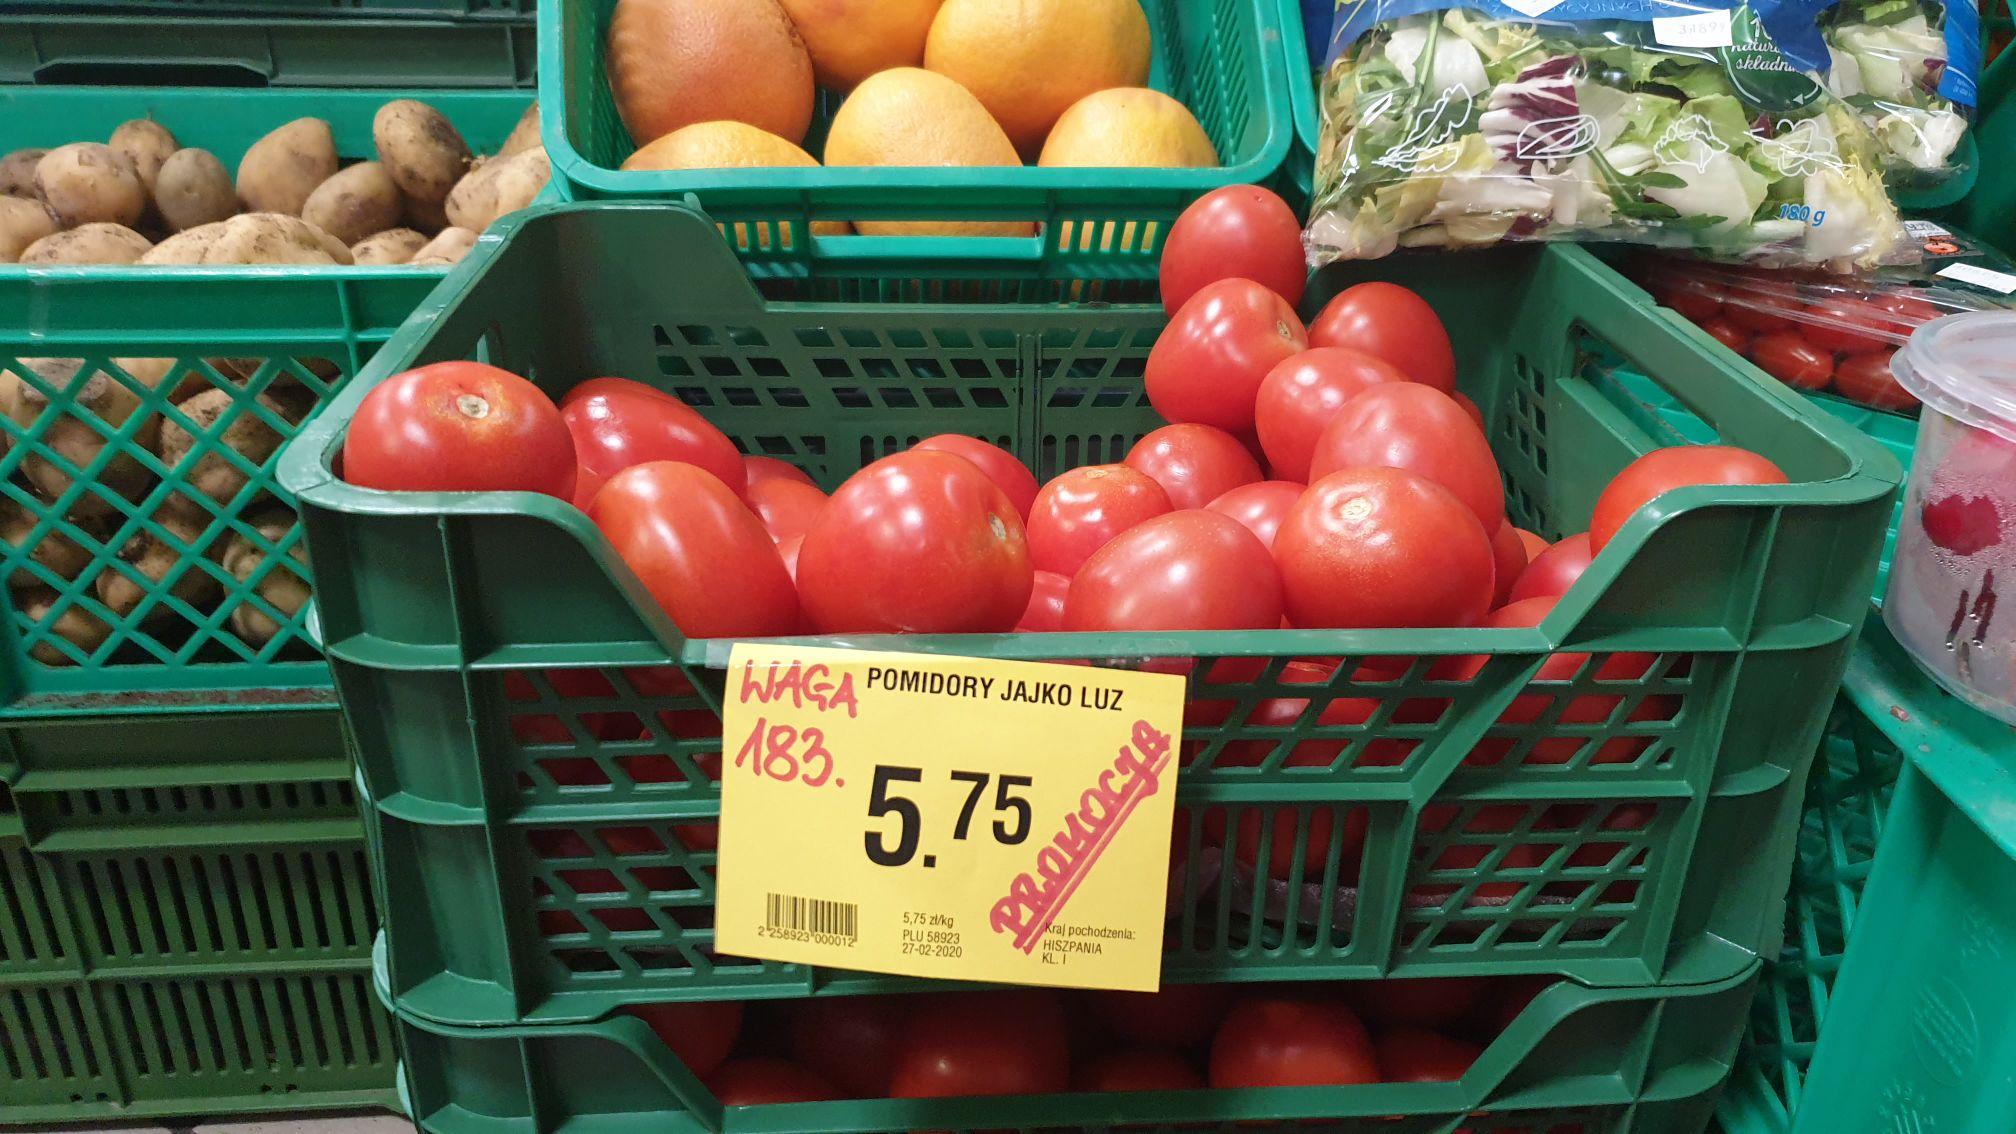 Pomidory Jajo @ Społem Biała Podlaska